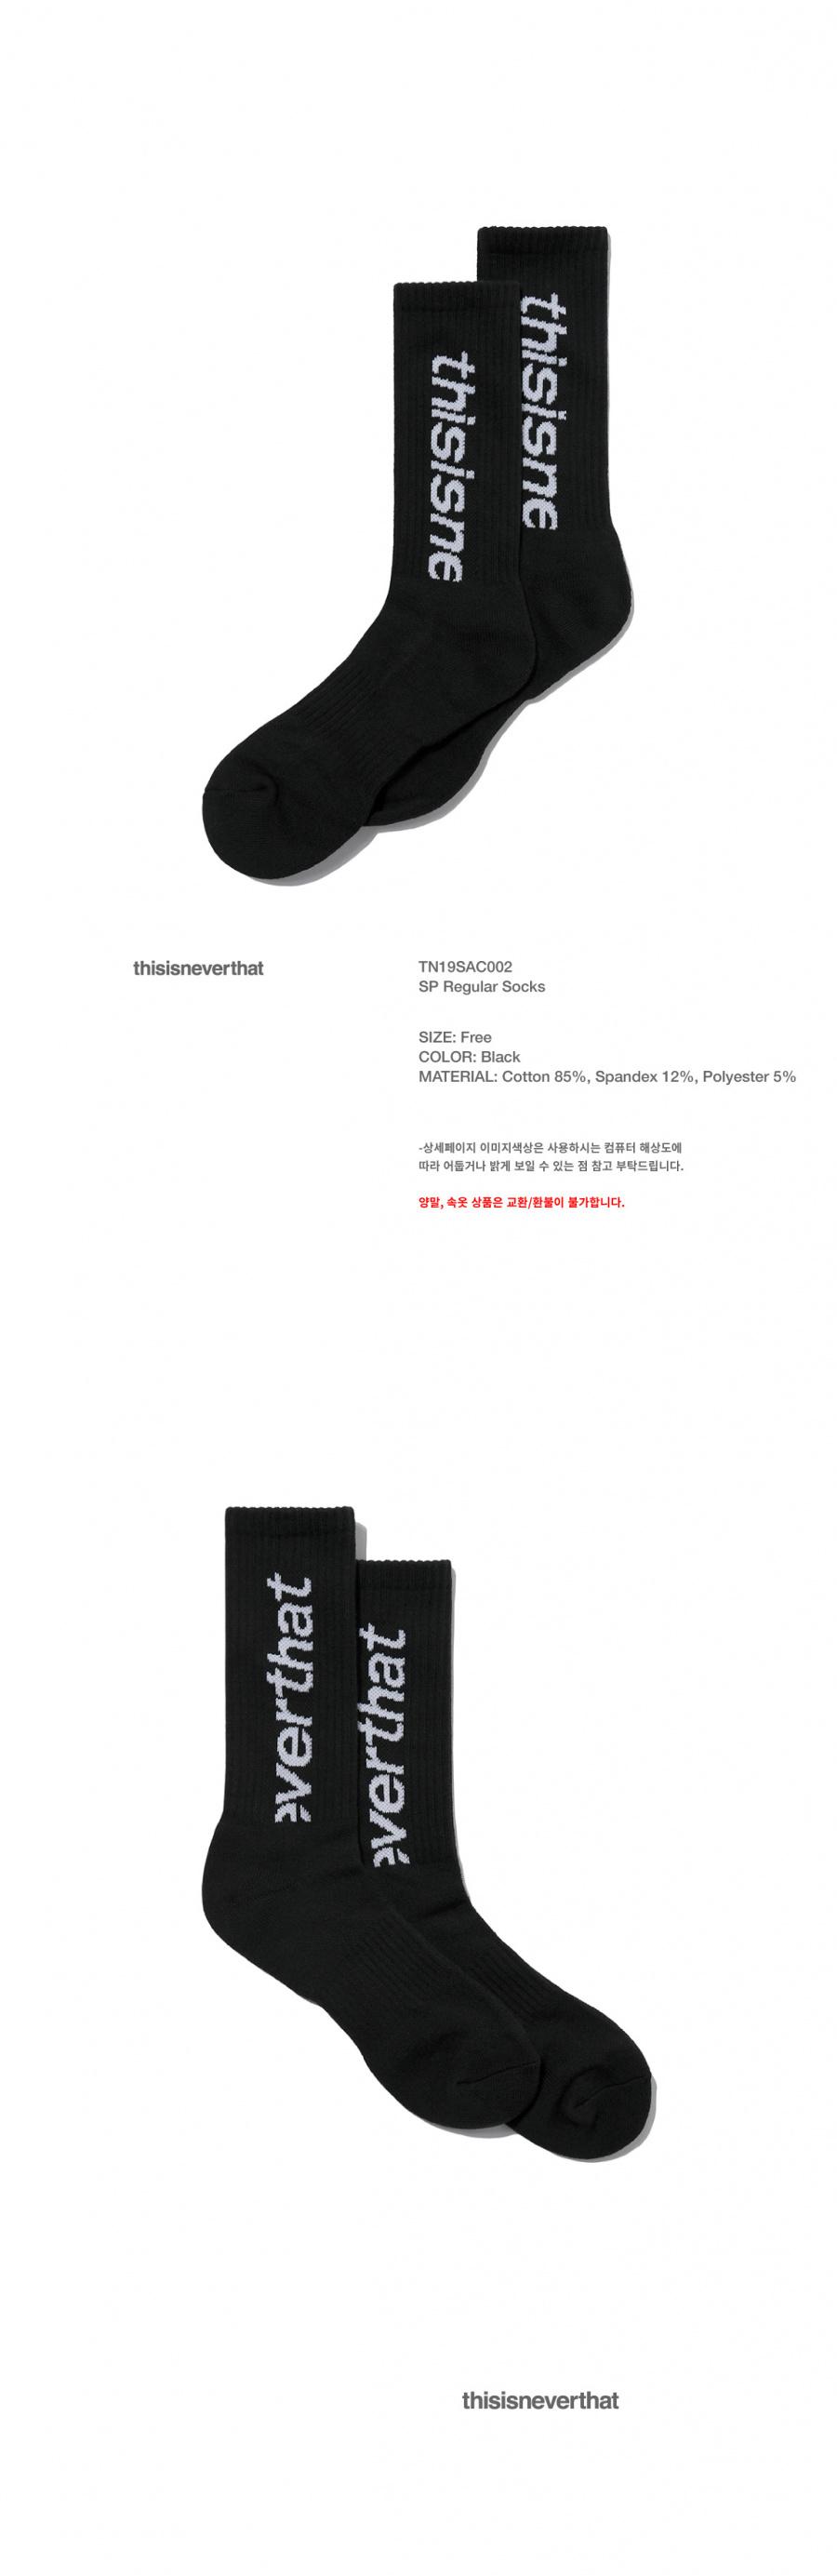 디스이즈네버댓(THISISNEVERTHAT) SP Regular Socks Black